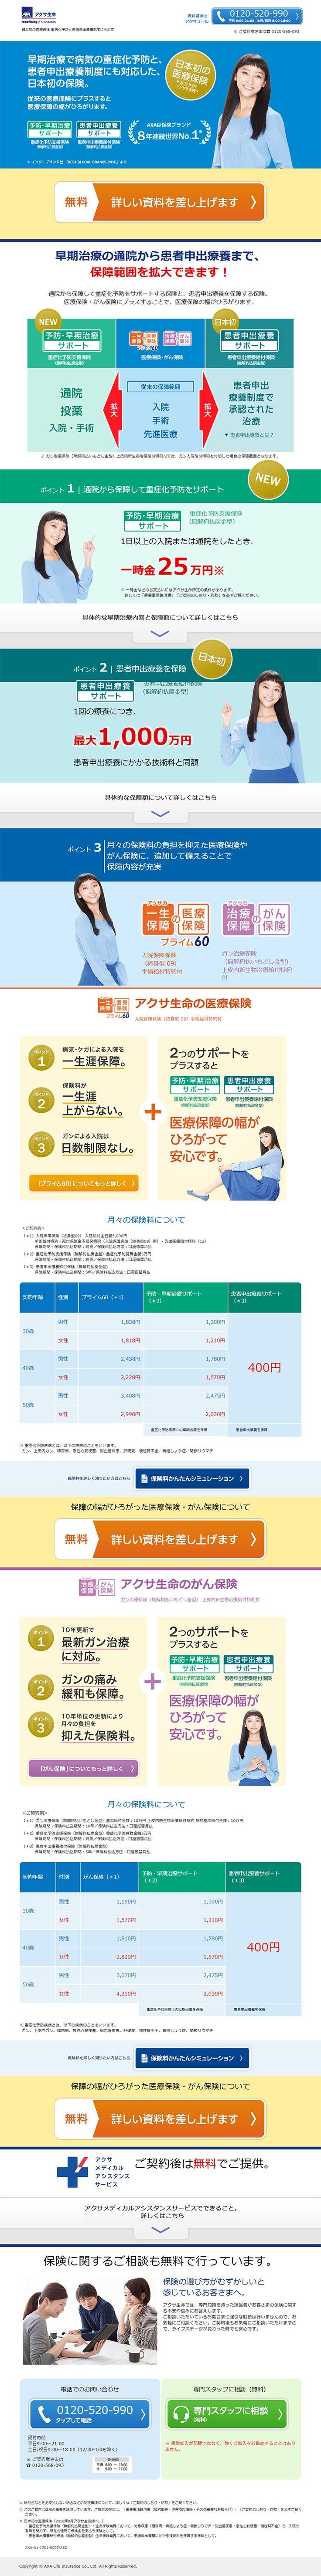 日本初の医療保険|WEBデザイナーさん必見!ランディングページのデザイン参考に(信頼・安心系)